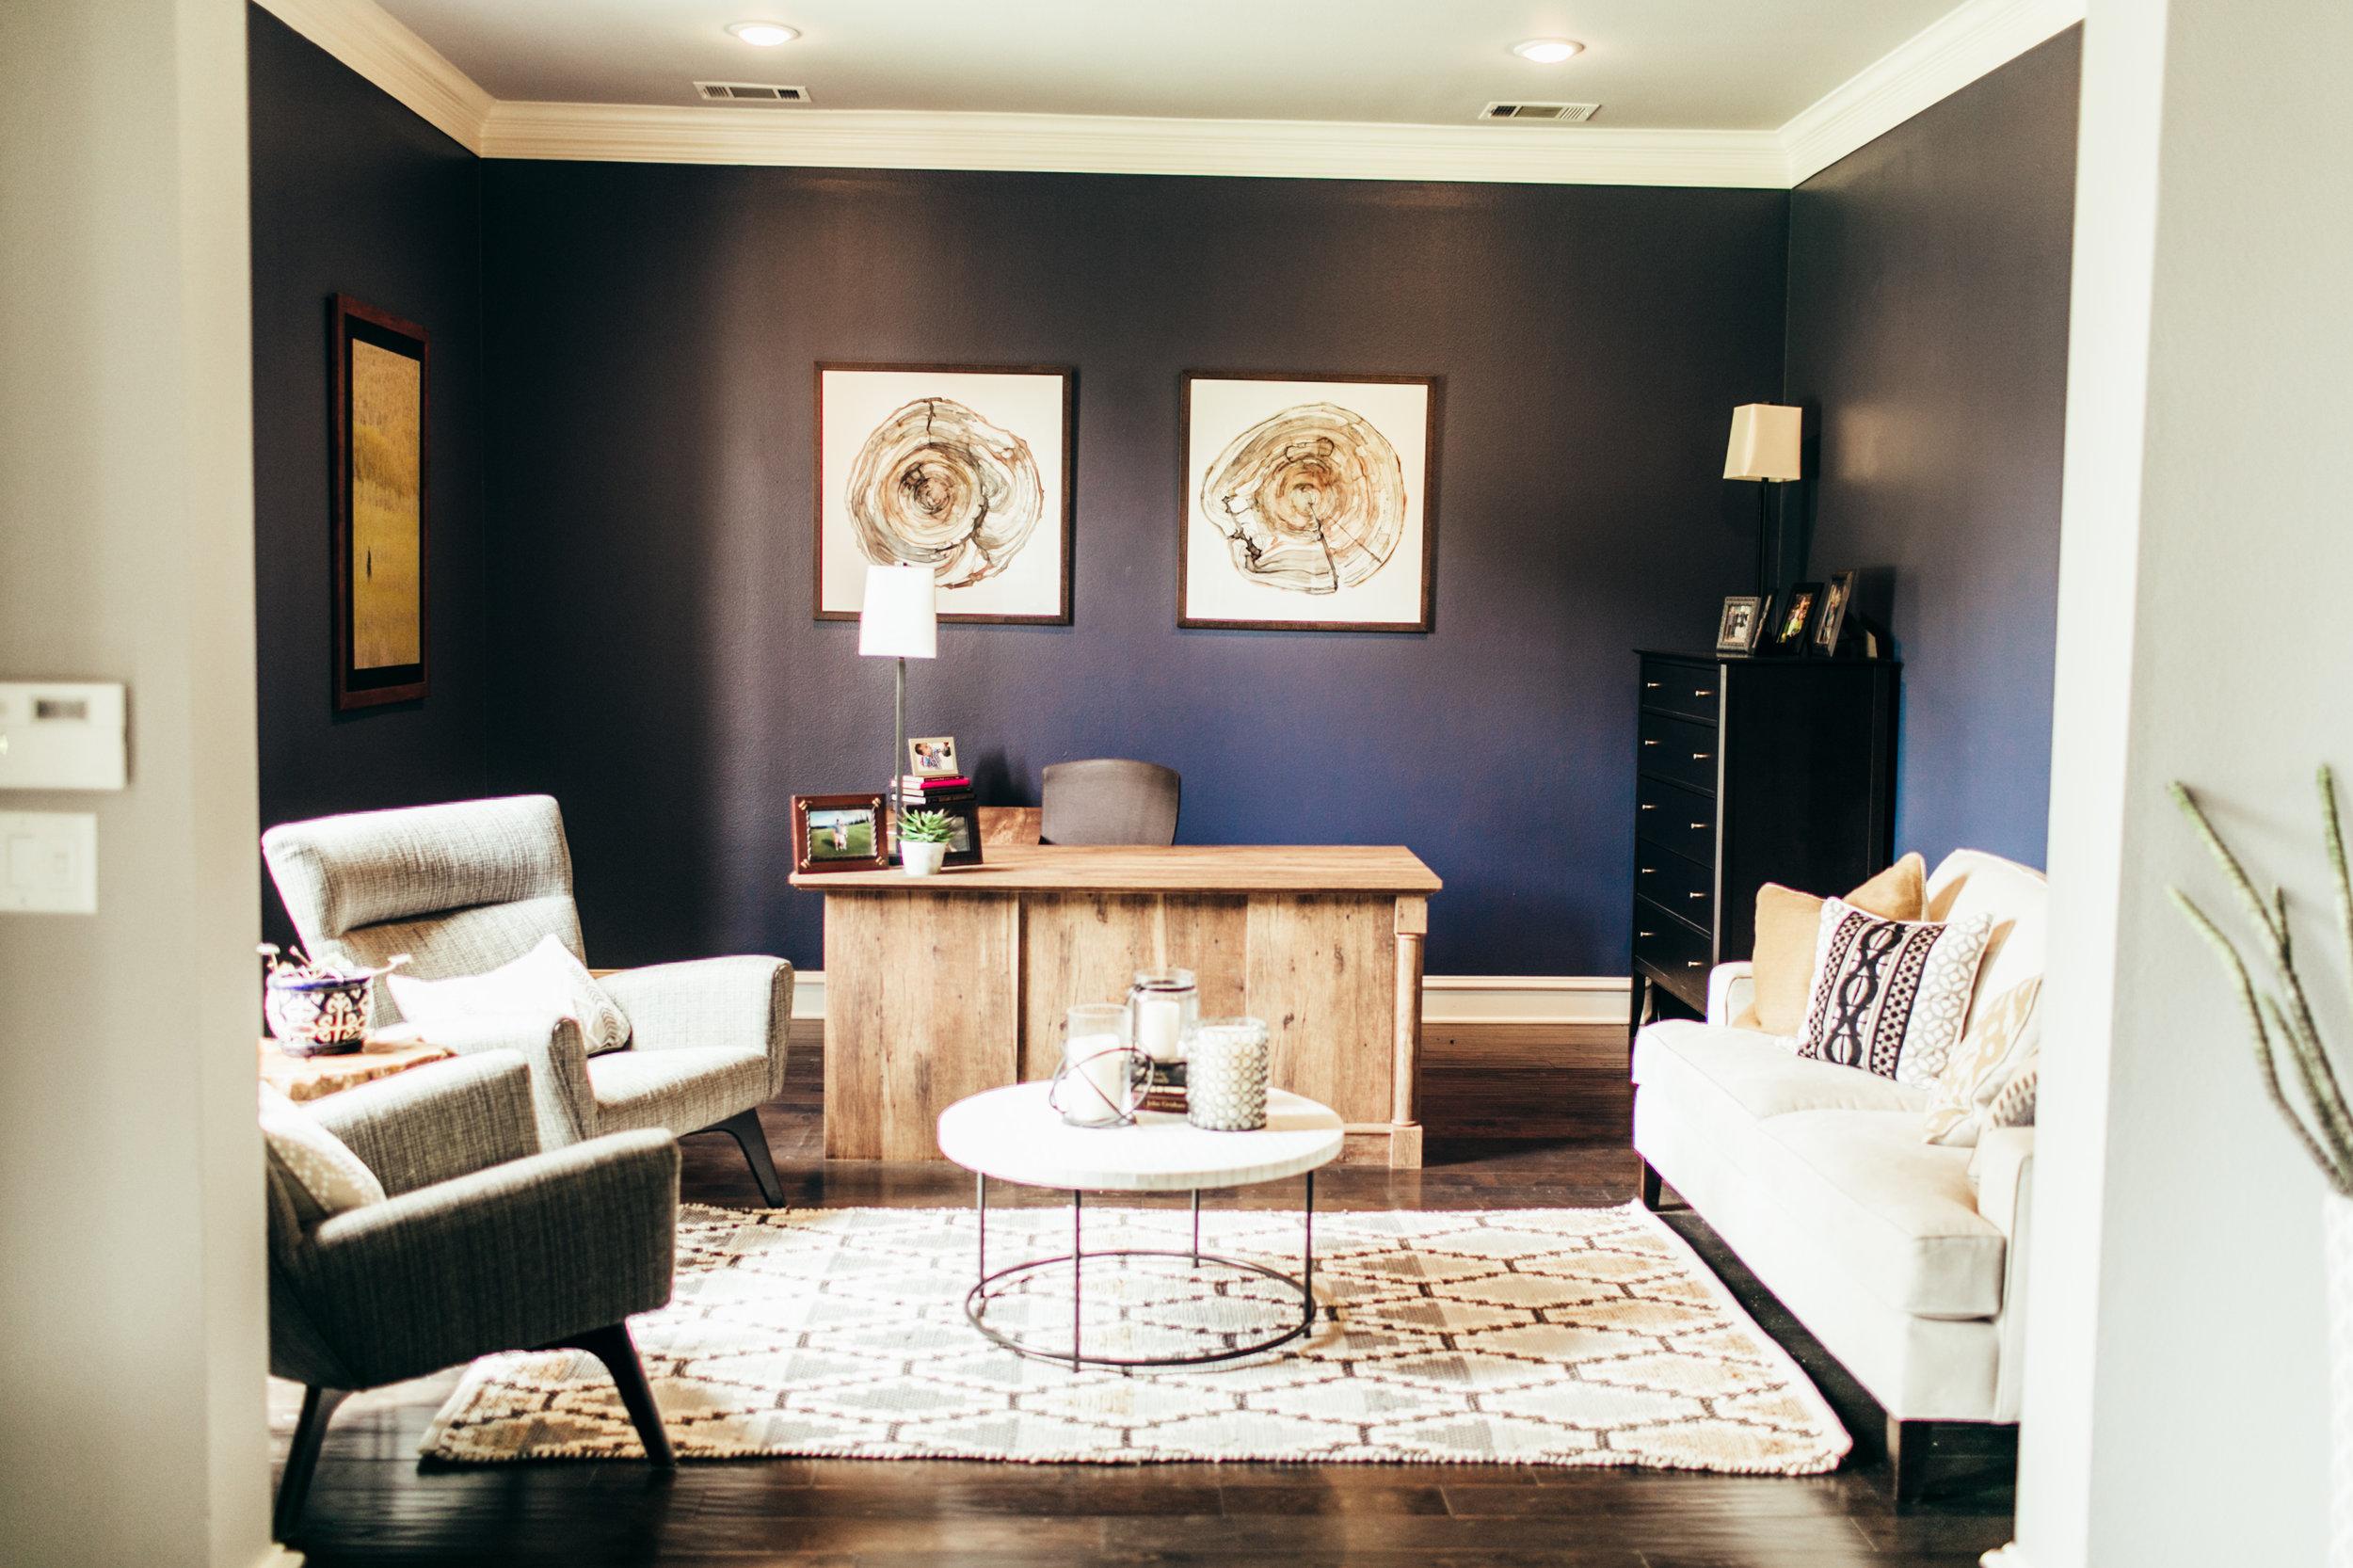 Home Office Design3.jpg